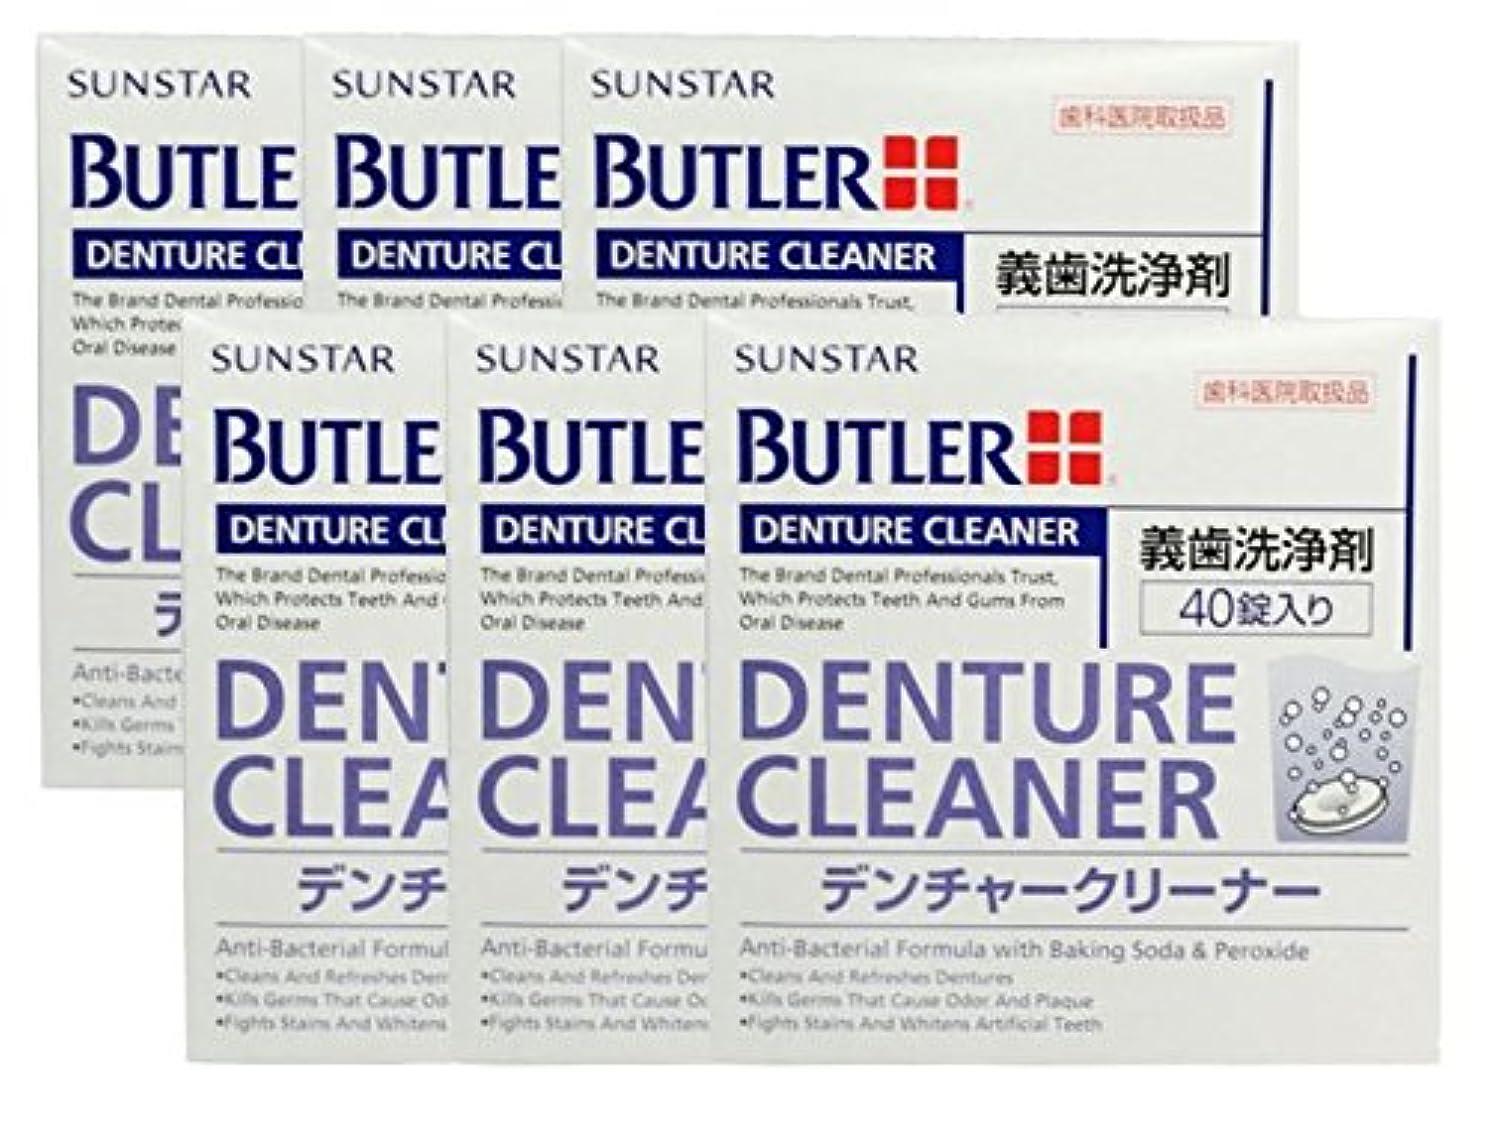 期間負荷弁護士サンスター/バトラー歯科用バトラー デンチャークリーナー #250P 6箱 義歯洗浄剤 6個入/箱